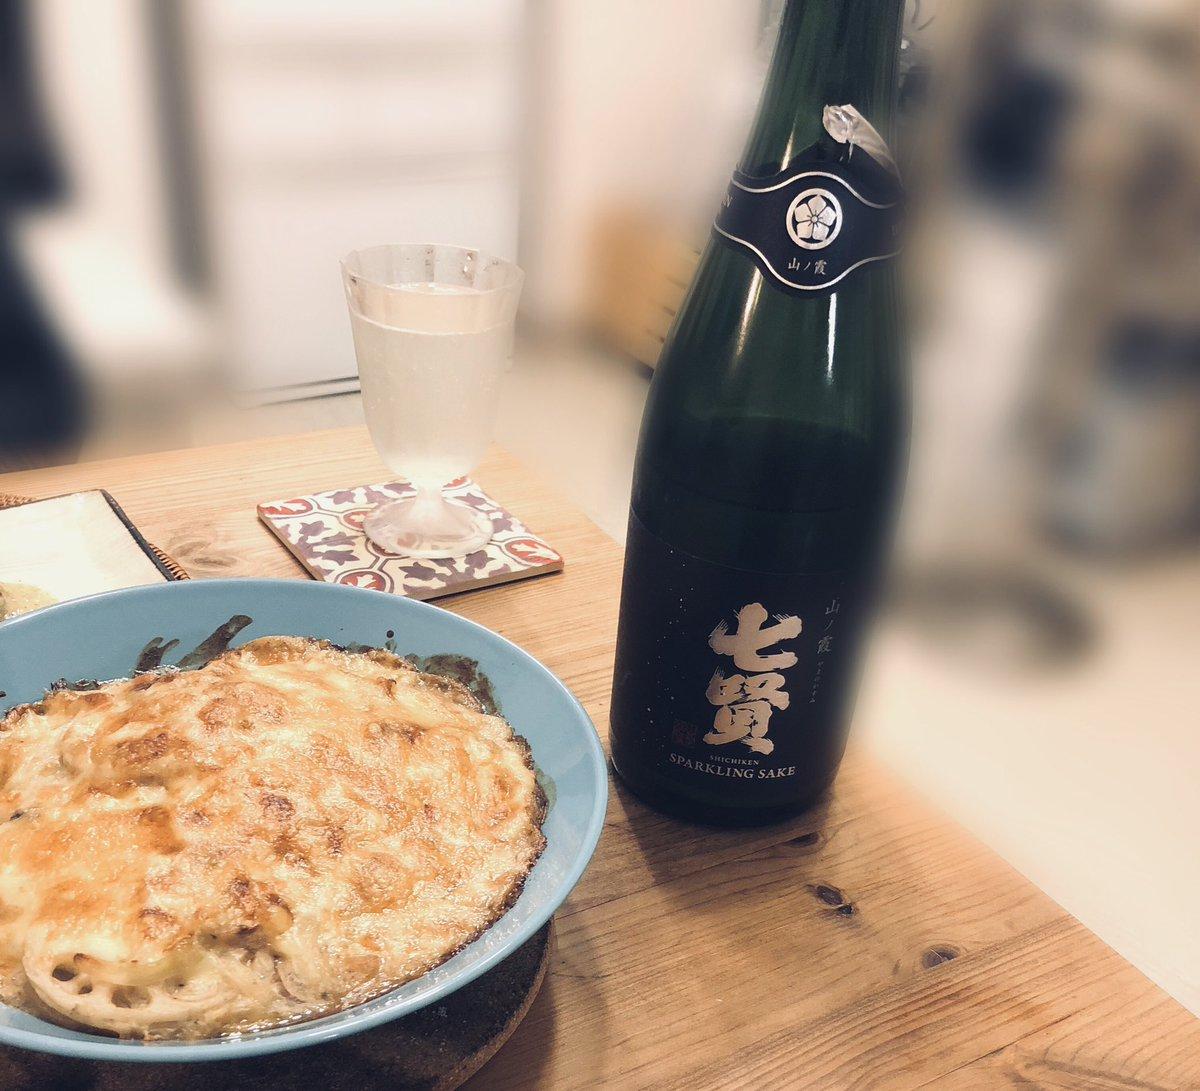 test ツイッターメディア - ずっと飲みたかった七賢スパークリング!!日本酒のスパークリングでスイスイ飲めてしまう  お料理は洋風和食(もはや和食ではない) ・ホタテと柿とズッキーニのカルパッチョ ・まぐろとアボカドのヅケ🥑 ・キノコとれんこんの豆乳グラタン ・翡翠ナスのステーキ  たまに違った料理するとたのしい😋 https://t.co/UCquMaf7HM